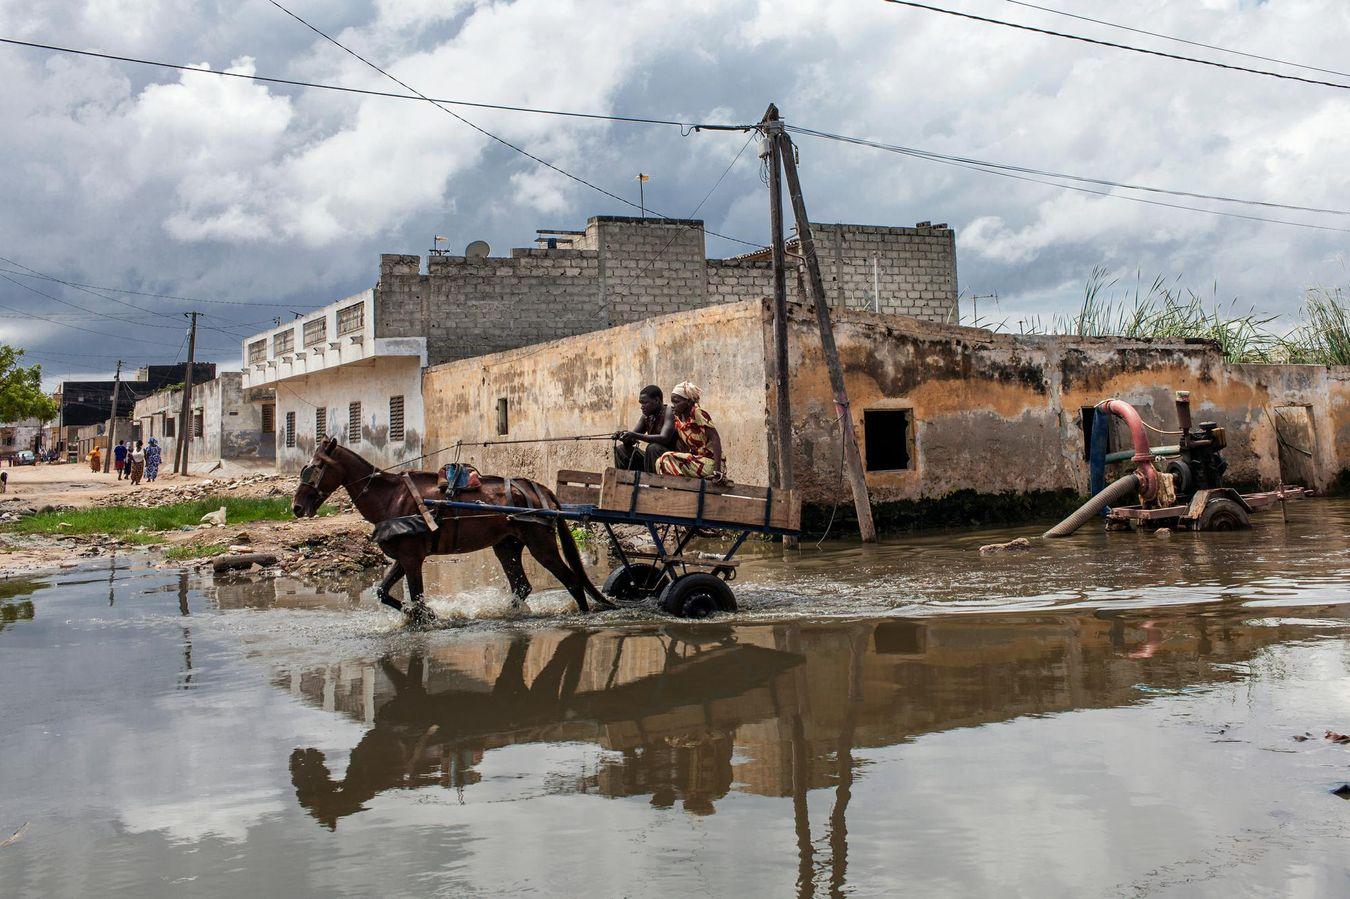 Dakar, la capitale du Sénégal, sous les eaux : chaque année à la saison des pluies, de juillet à septembre, les rues de la proche banlieue se transforment en fleuve.